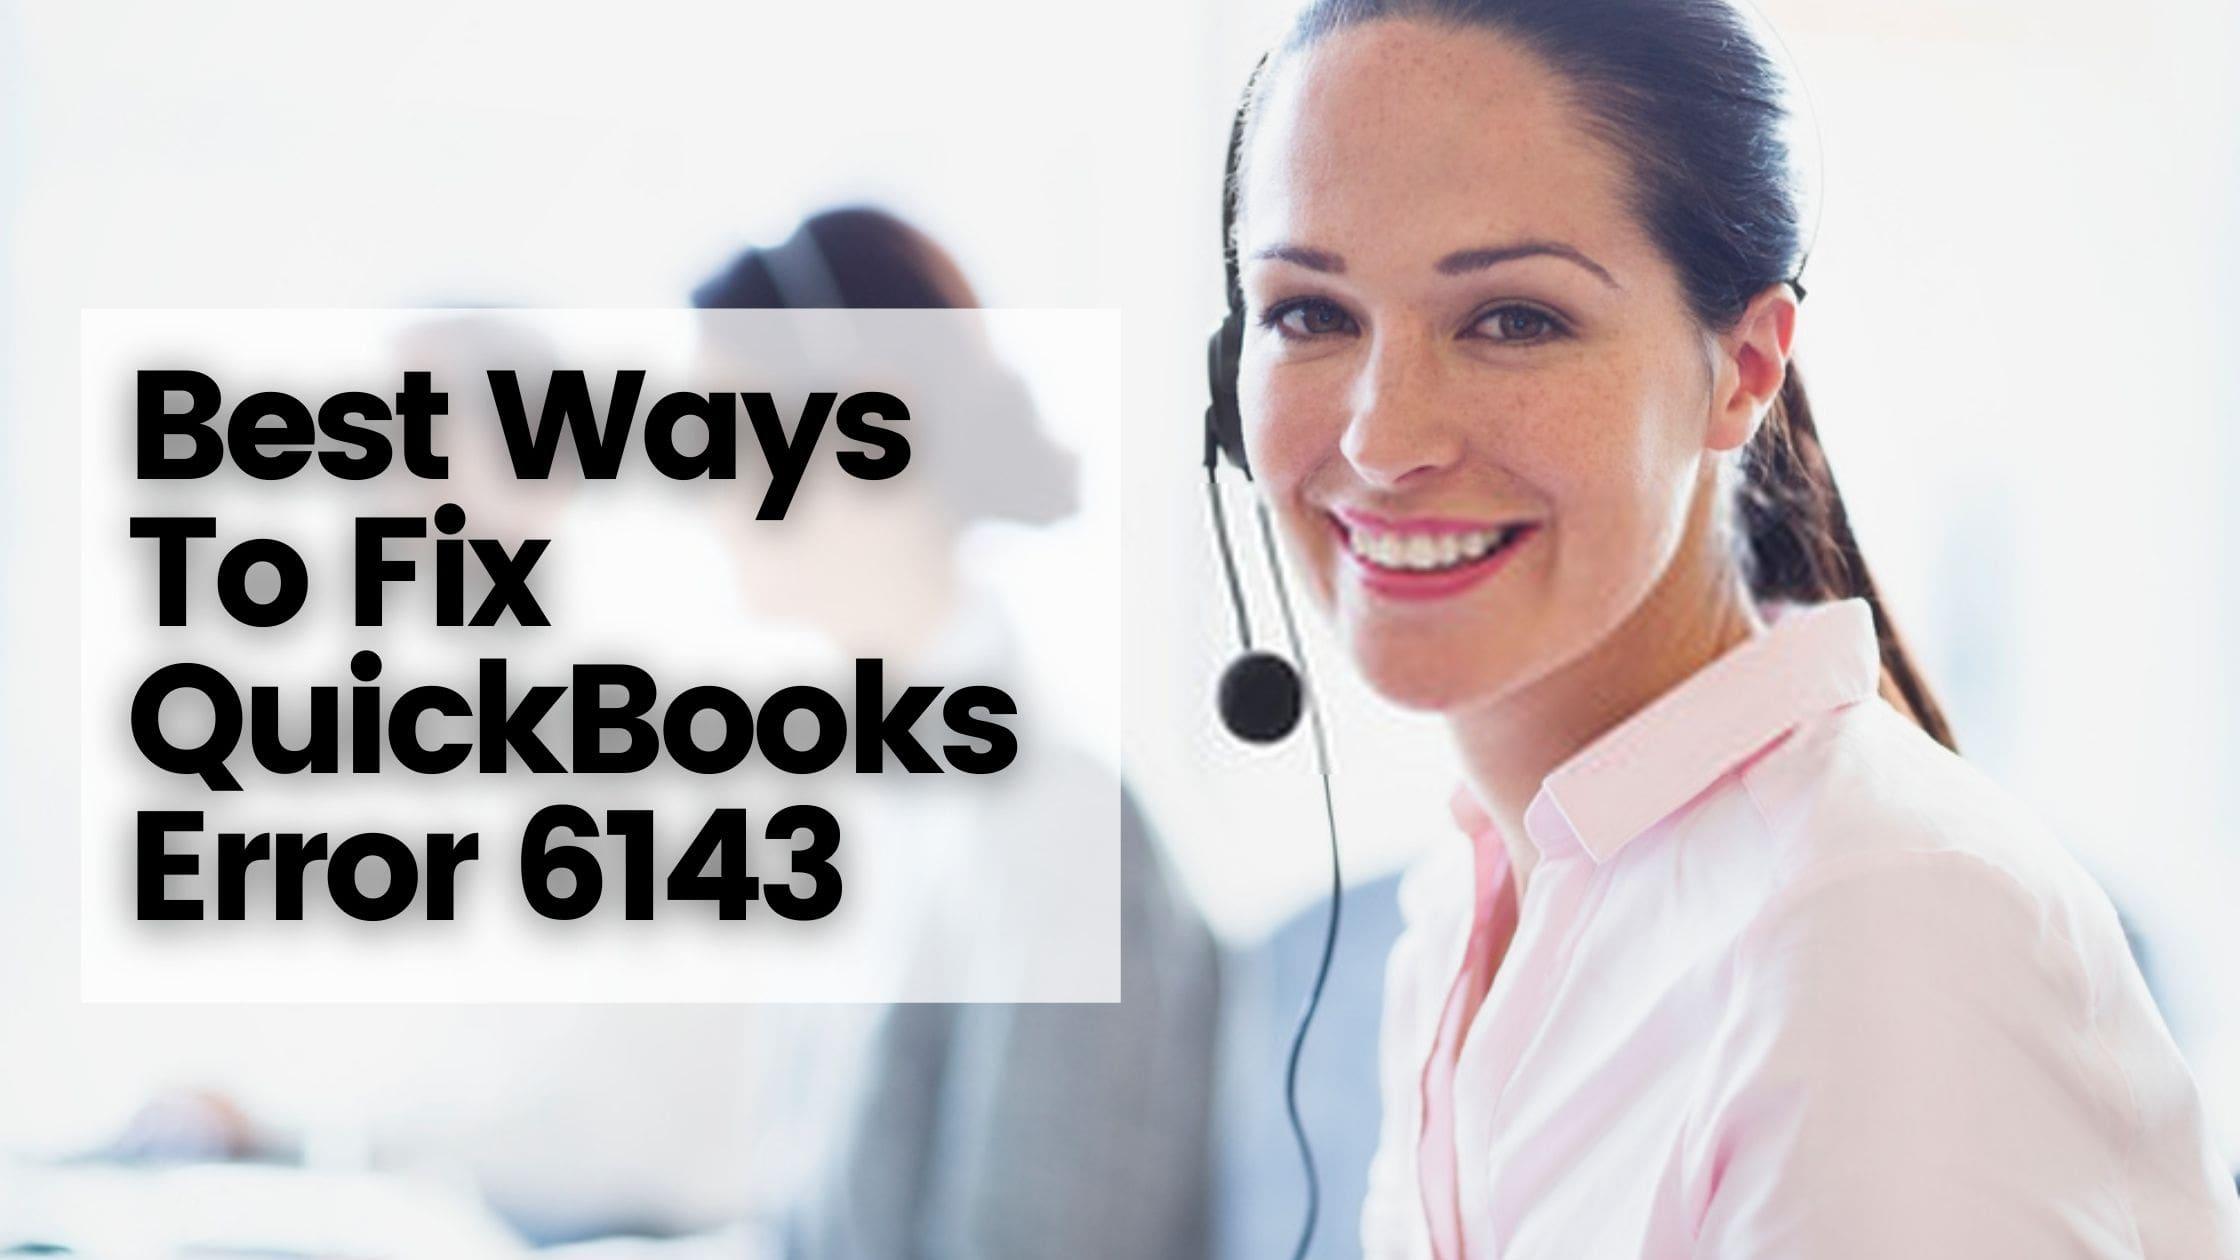 Best Ways To Fix QuickBooks Error 6143